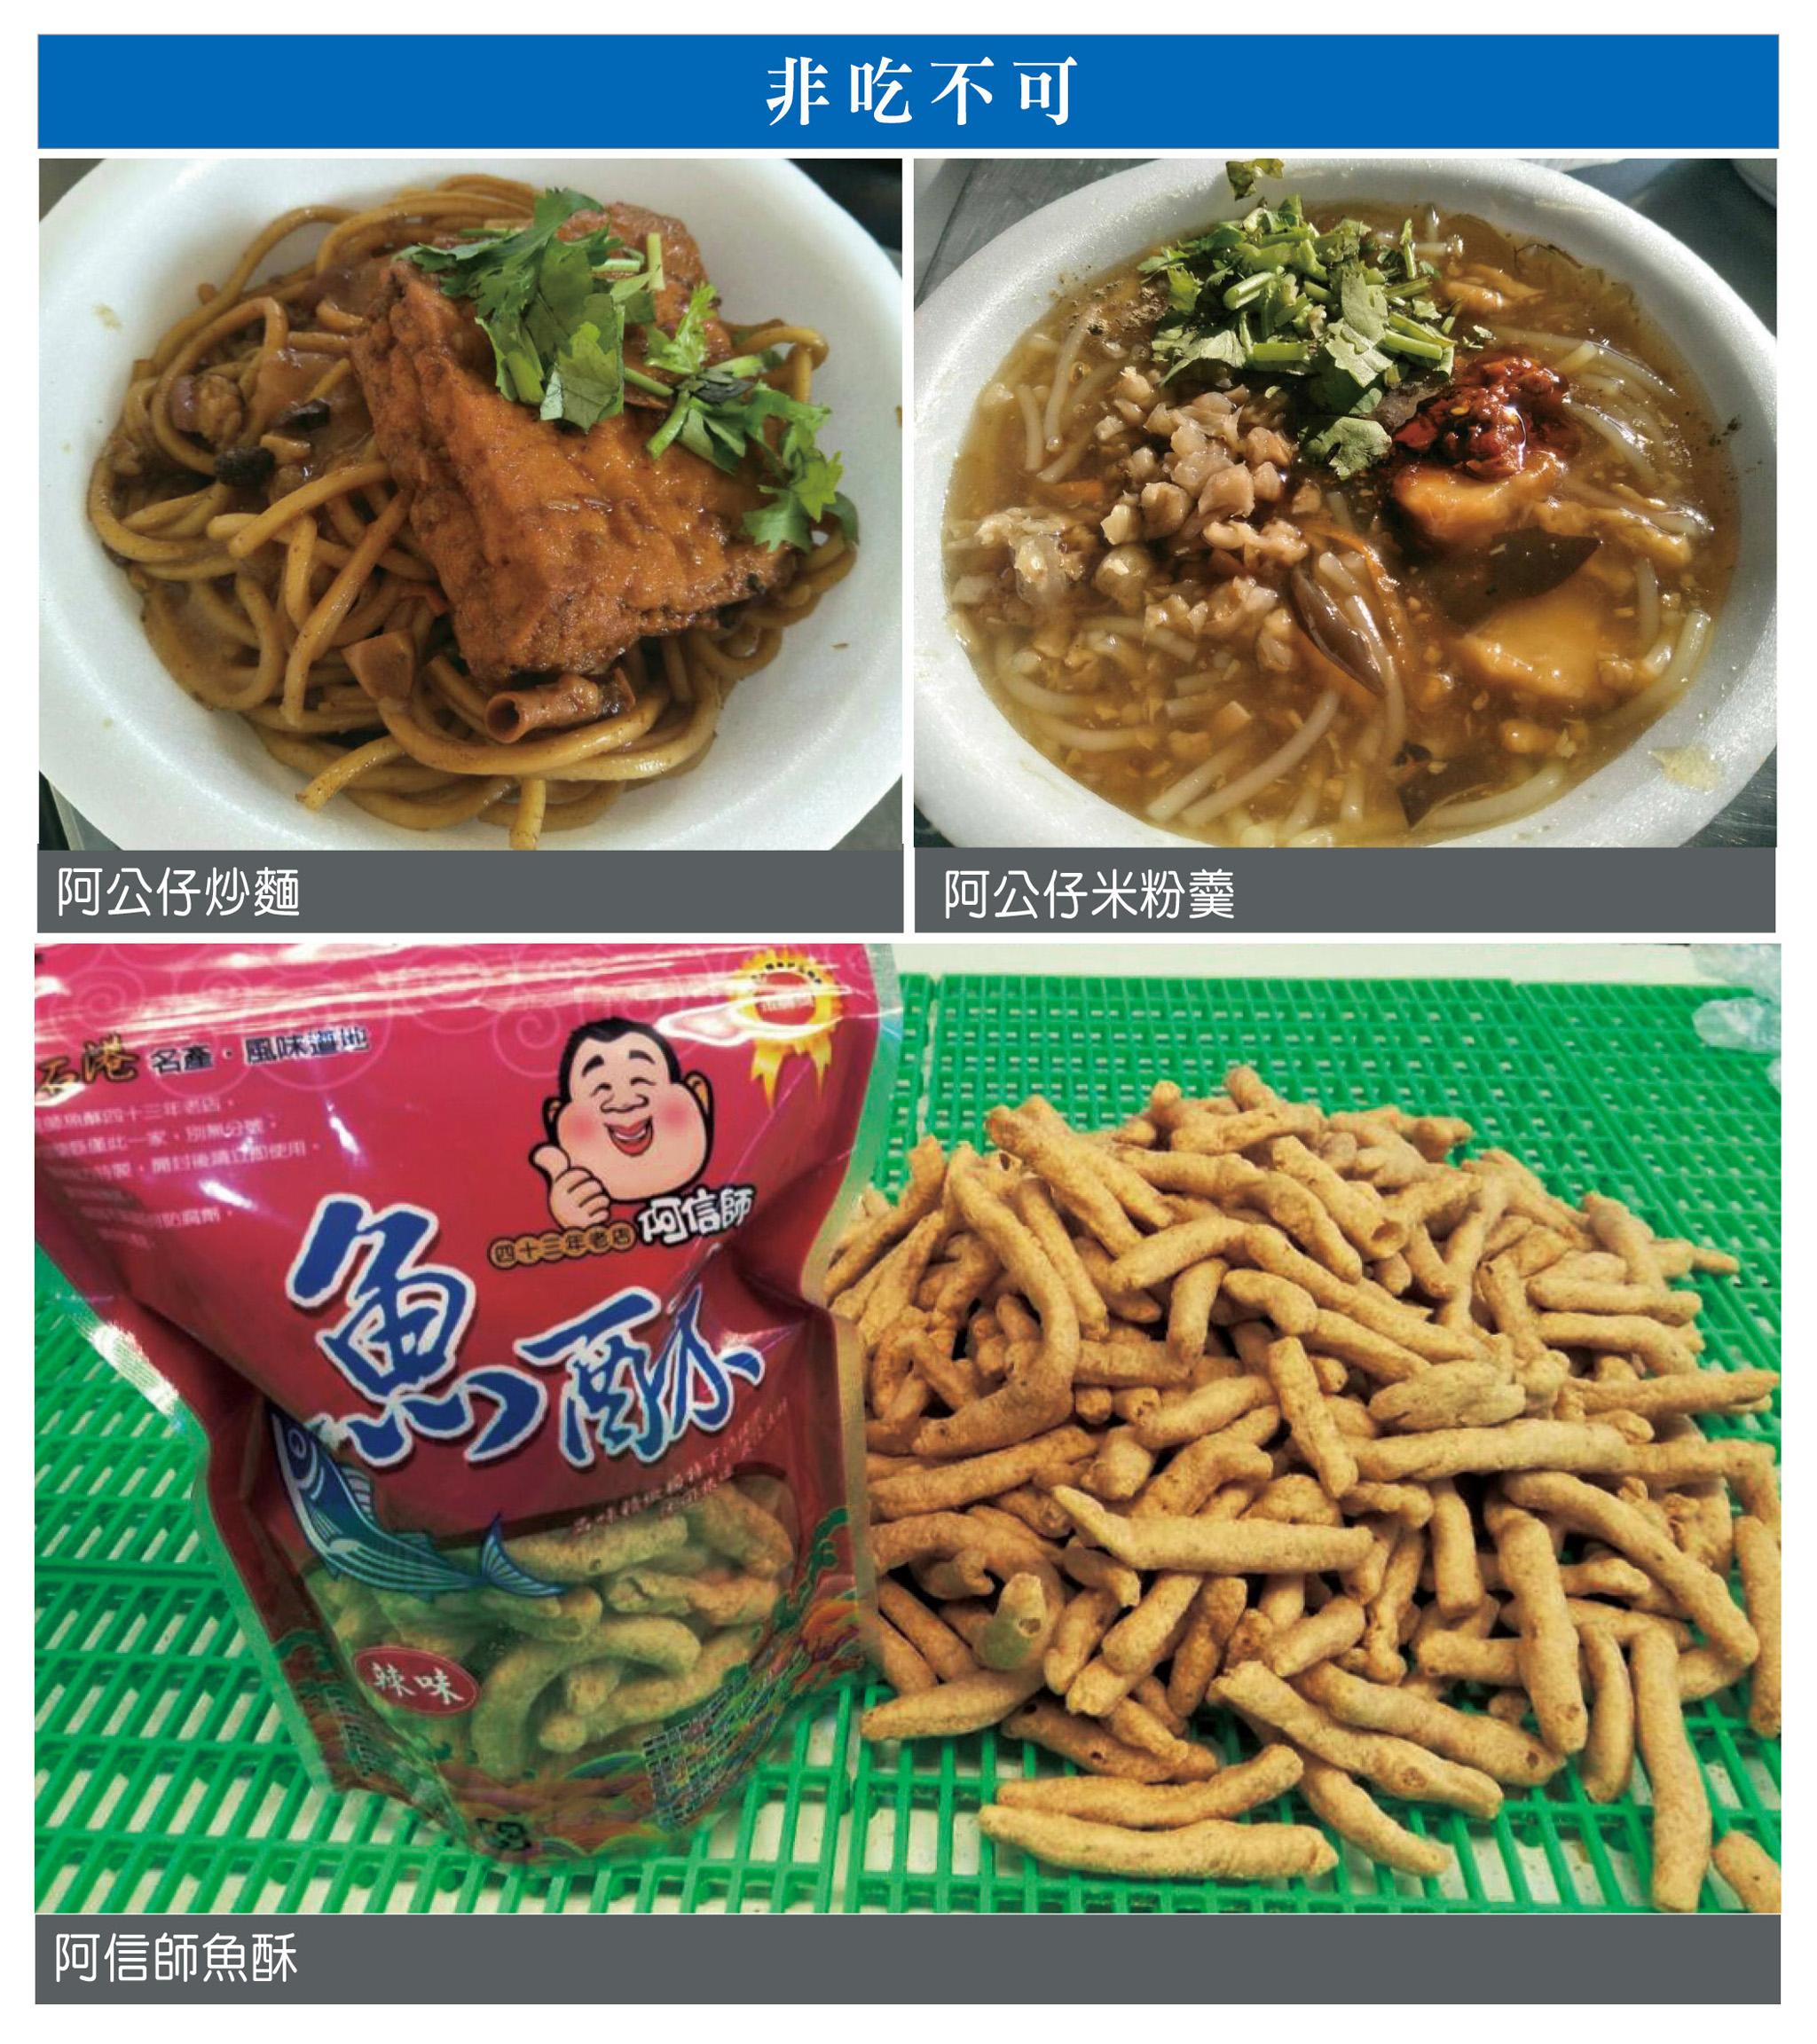 非吃不可:阿公仔炒麵(左上)、阿公仔米粉羹(右上)、阿信師魚酥(下圖)。